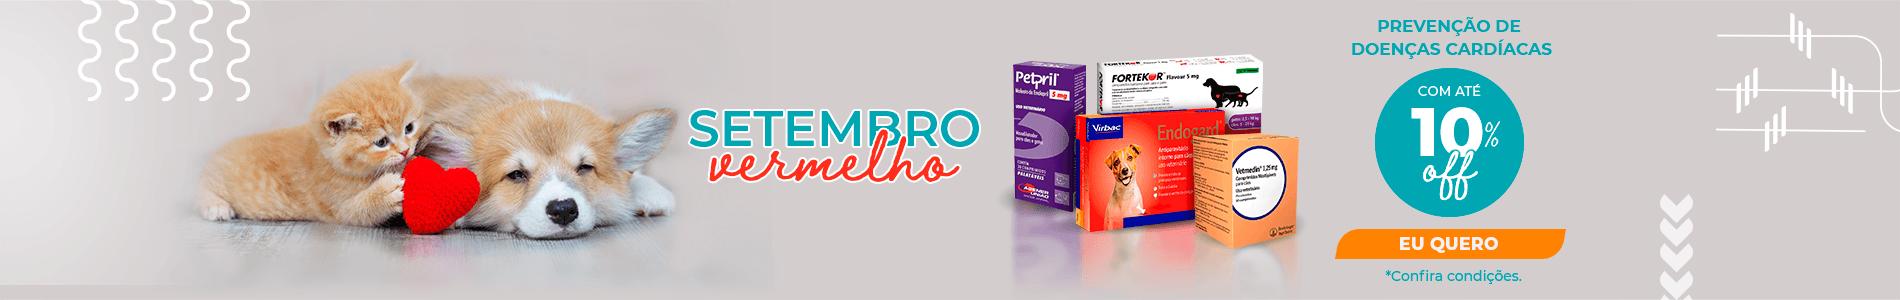 SETEMBRO VERMELHO